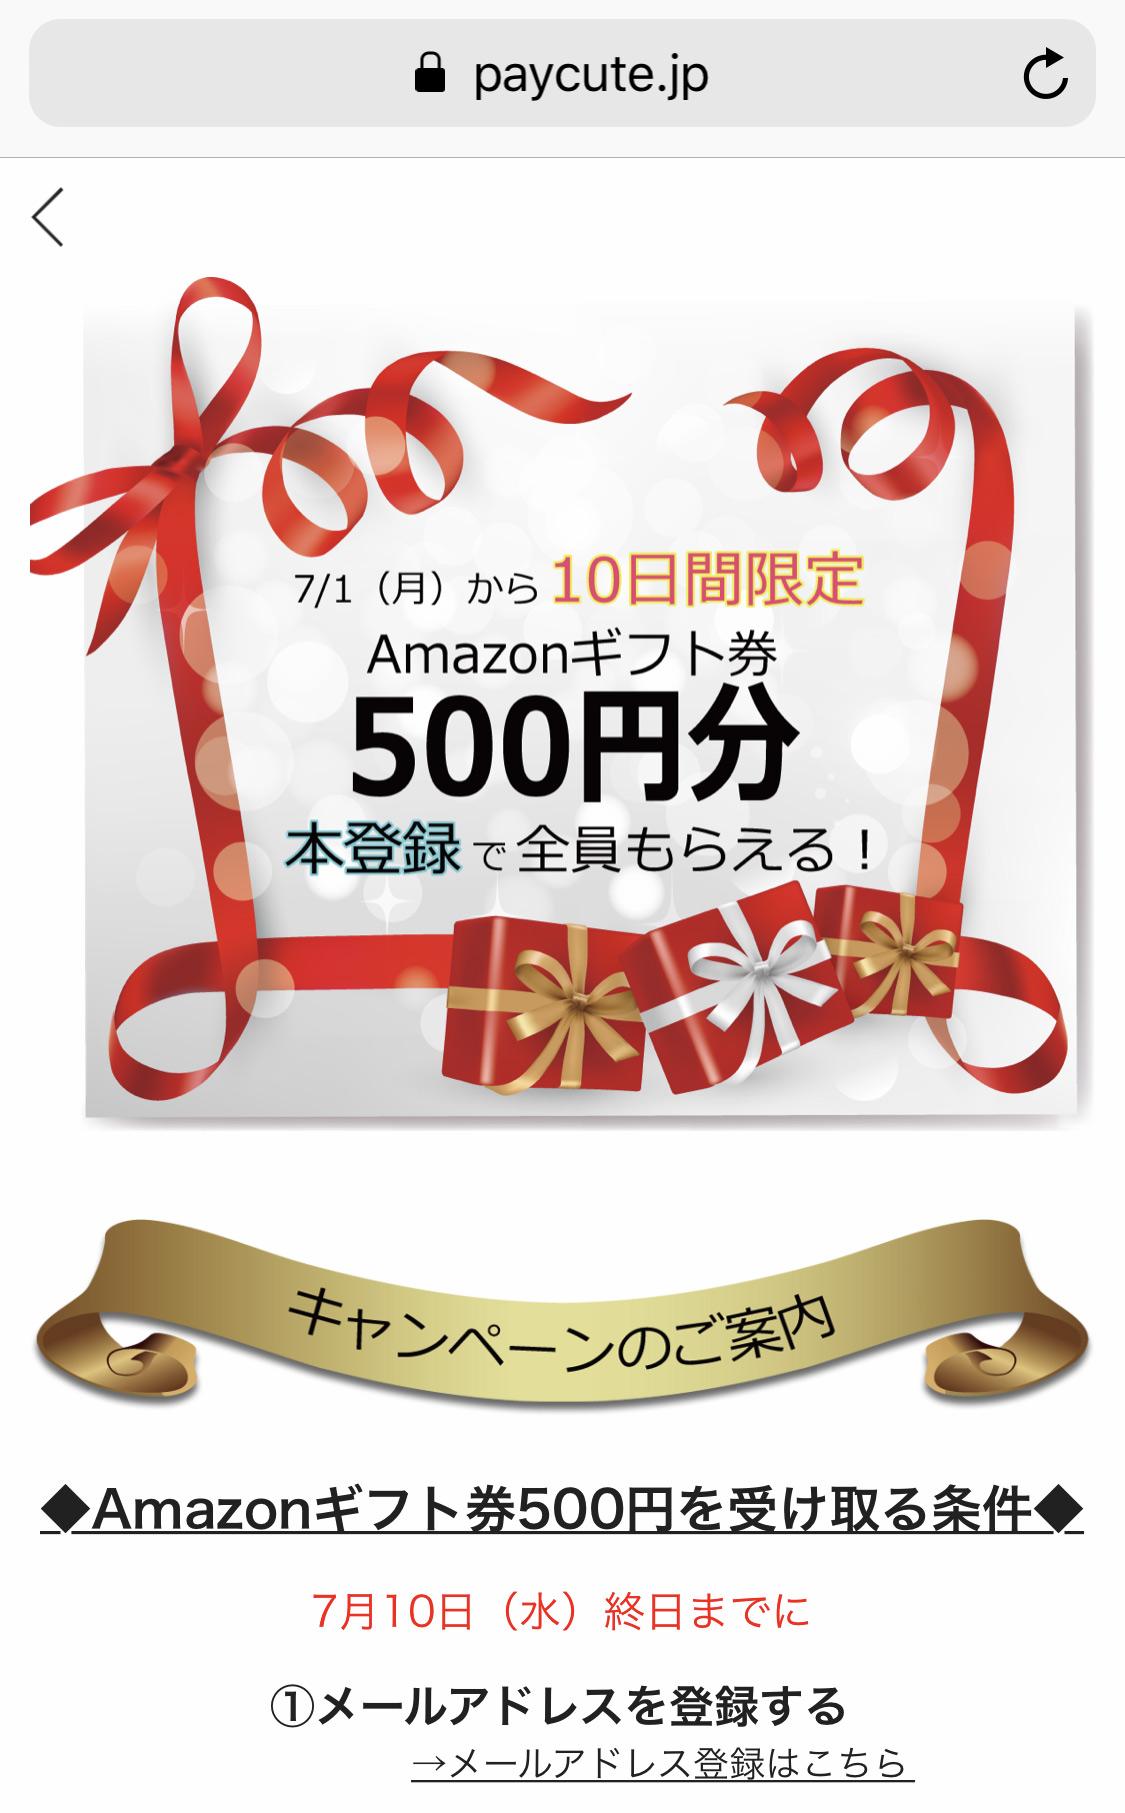 女性限定 Amazonギフト券 500円分プレゼントキャンペーン(セールクーポン・チケット)